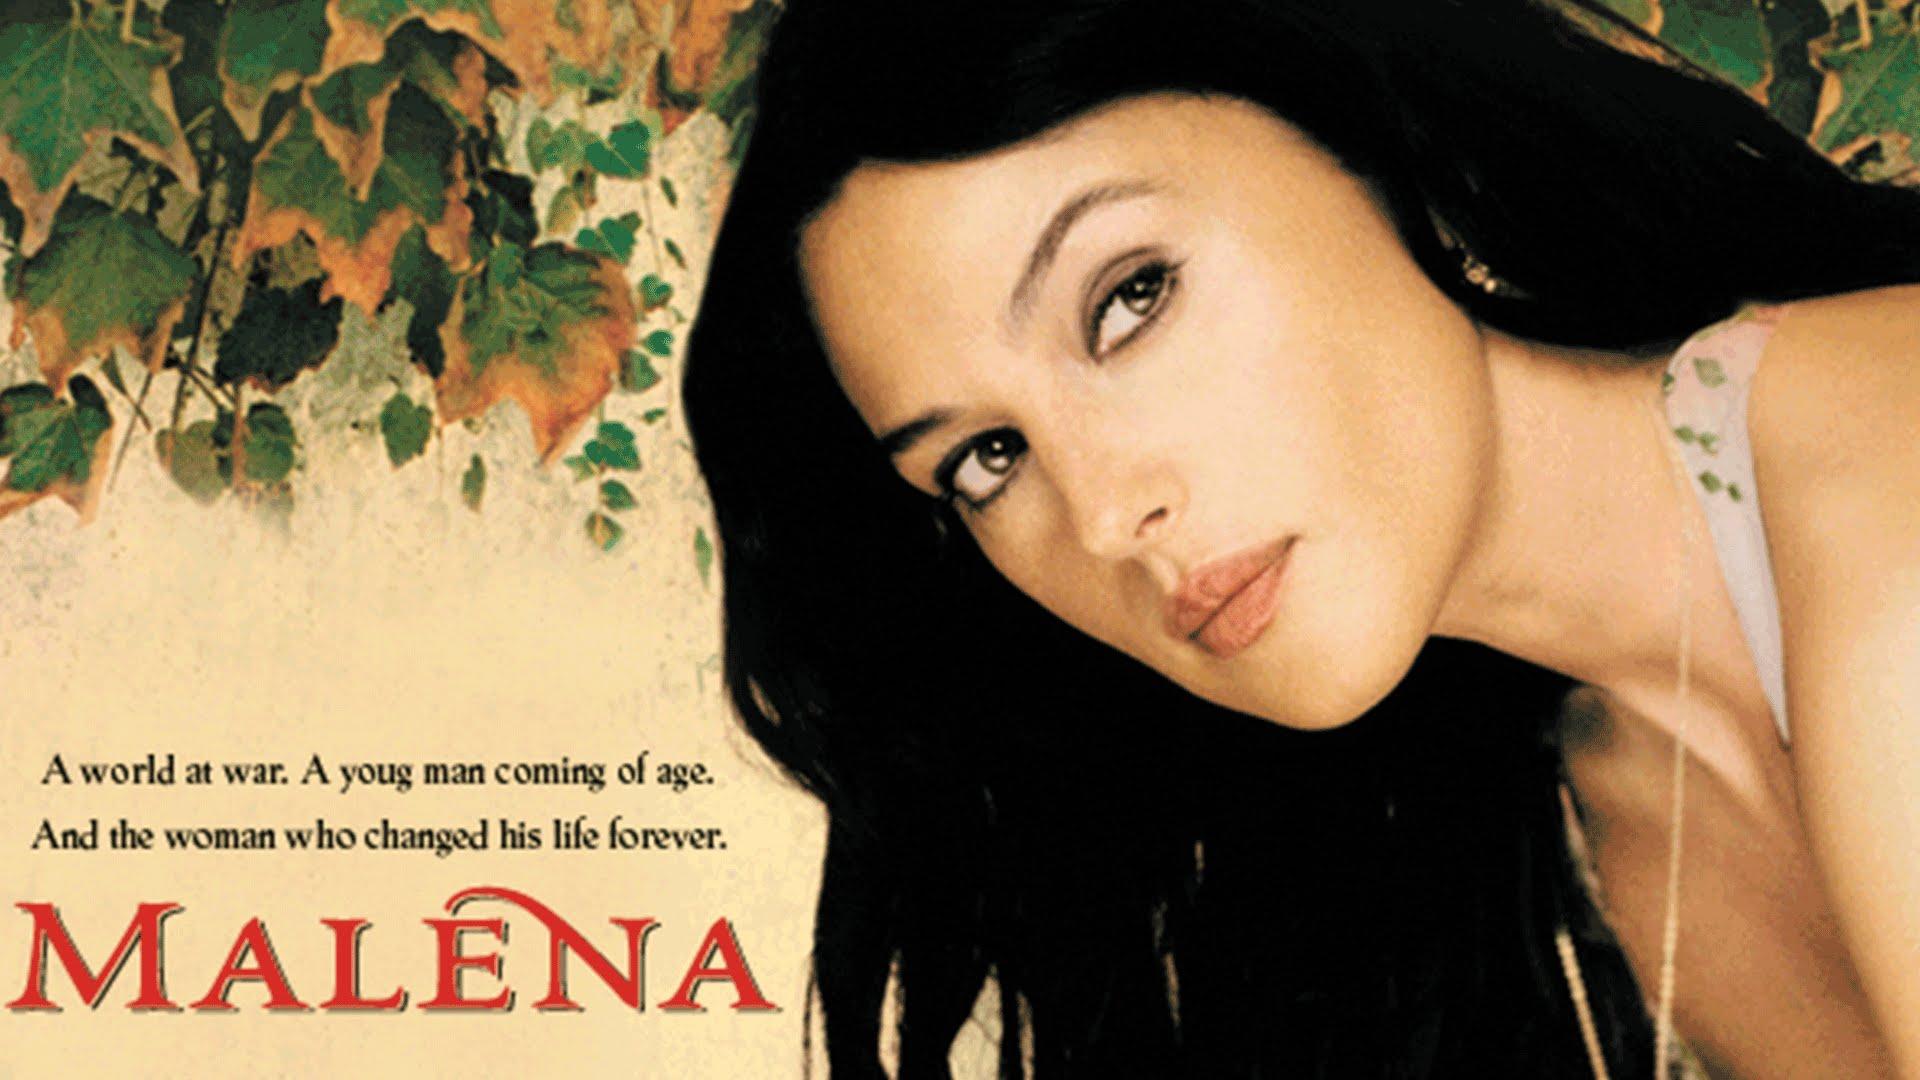 پوستر فیلم مالنا Malèna به کارگردانی جوزپه تورناتوره Giuseppe Tornatore